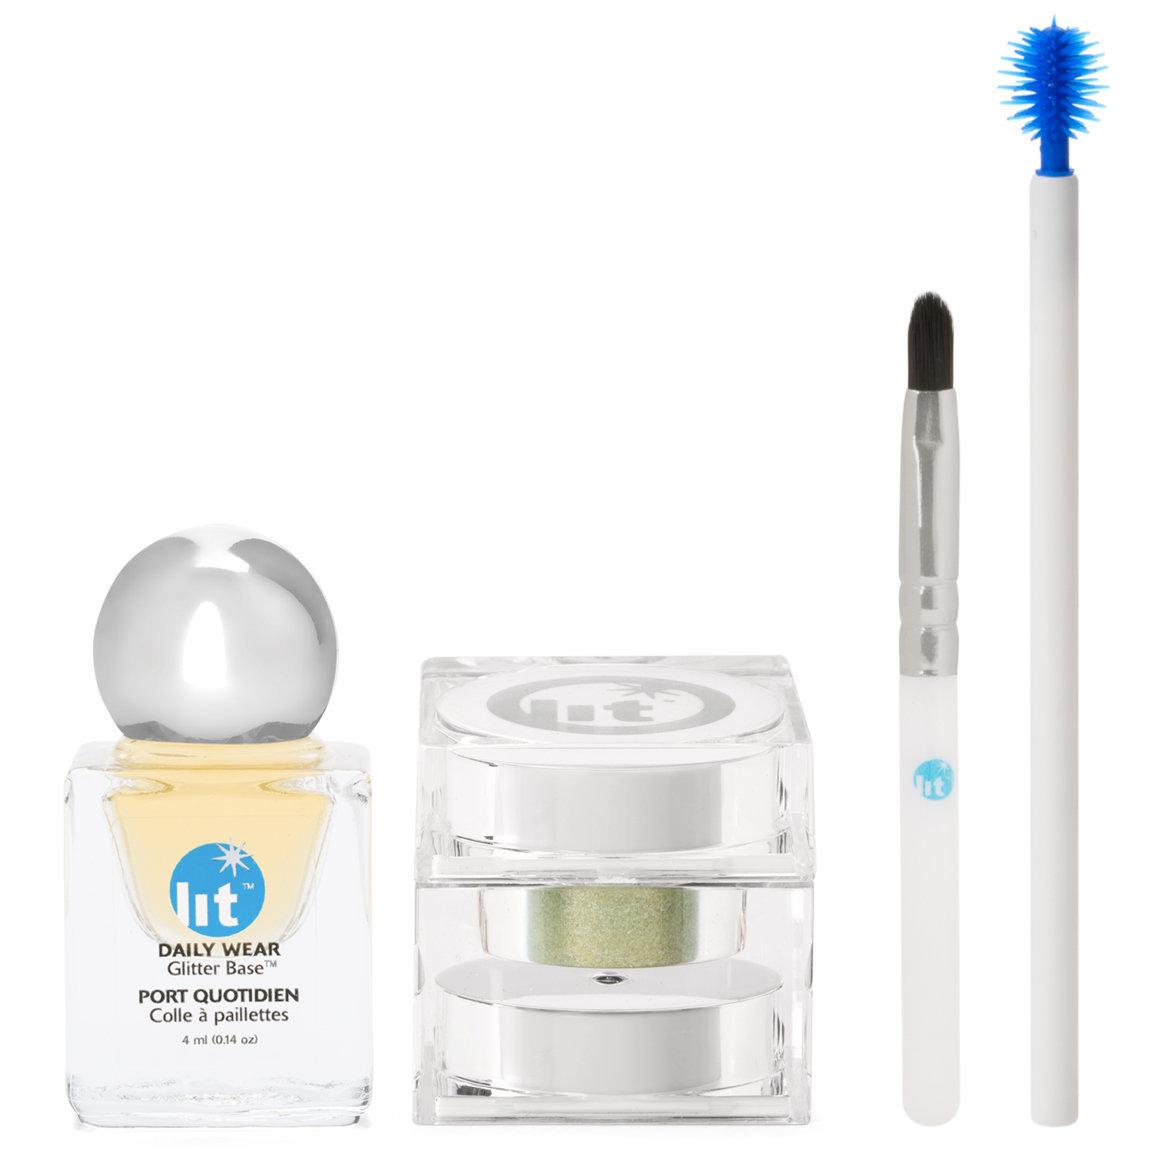 Lit Cosmetics Lit Kit: Lit Metal Kits Enchanted (Silver) alternative view 1.